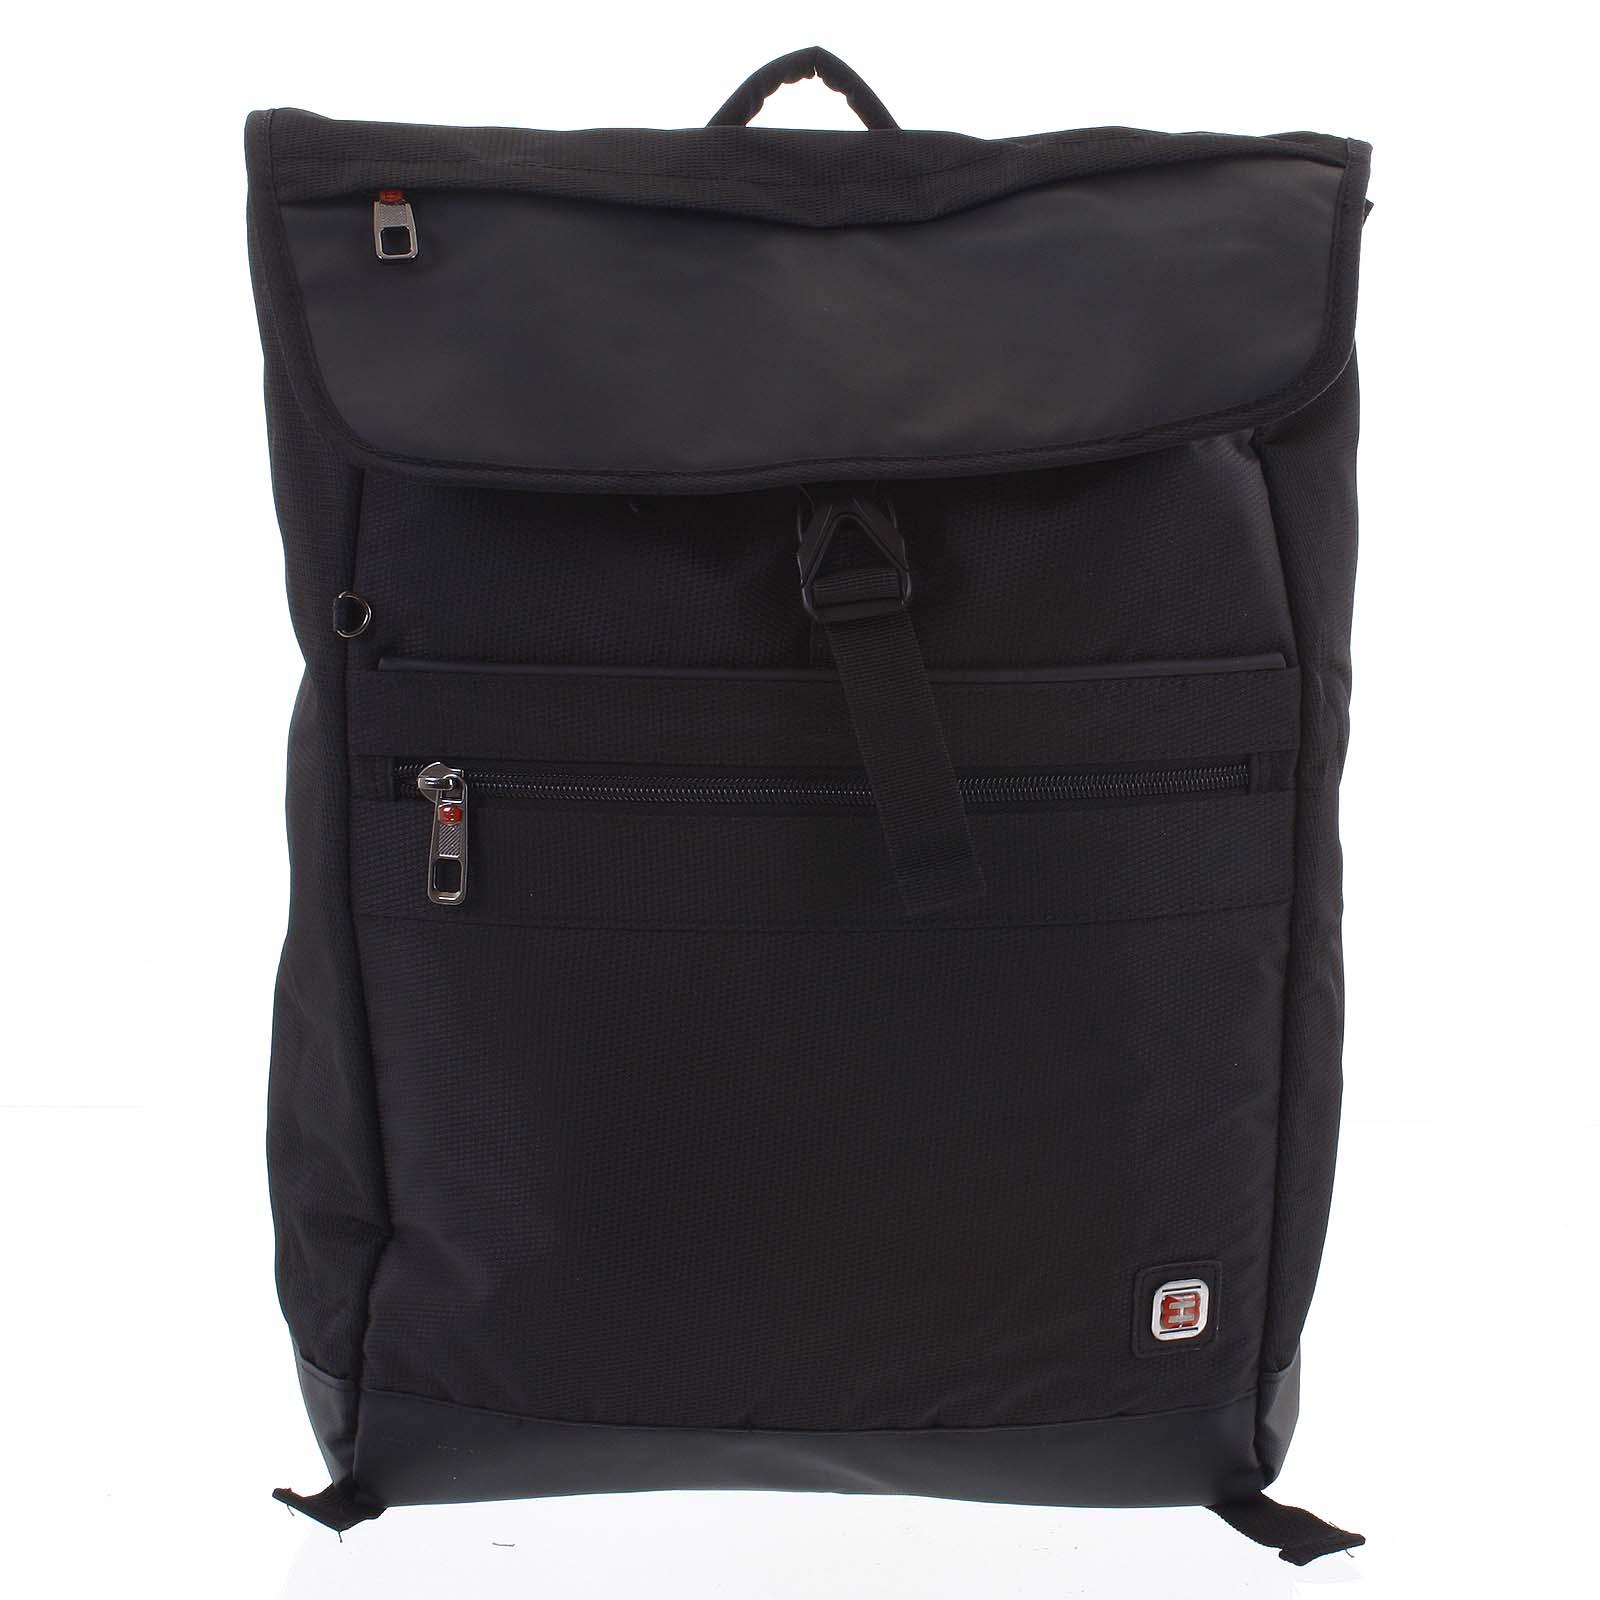 Veľký čierny batoh - Enrico Benetti Sanjar čierna